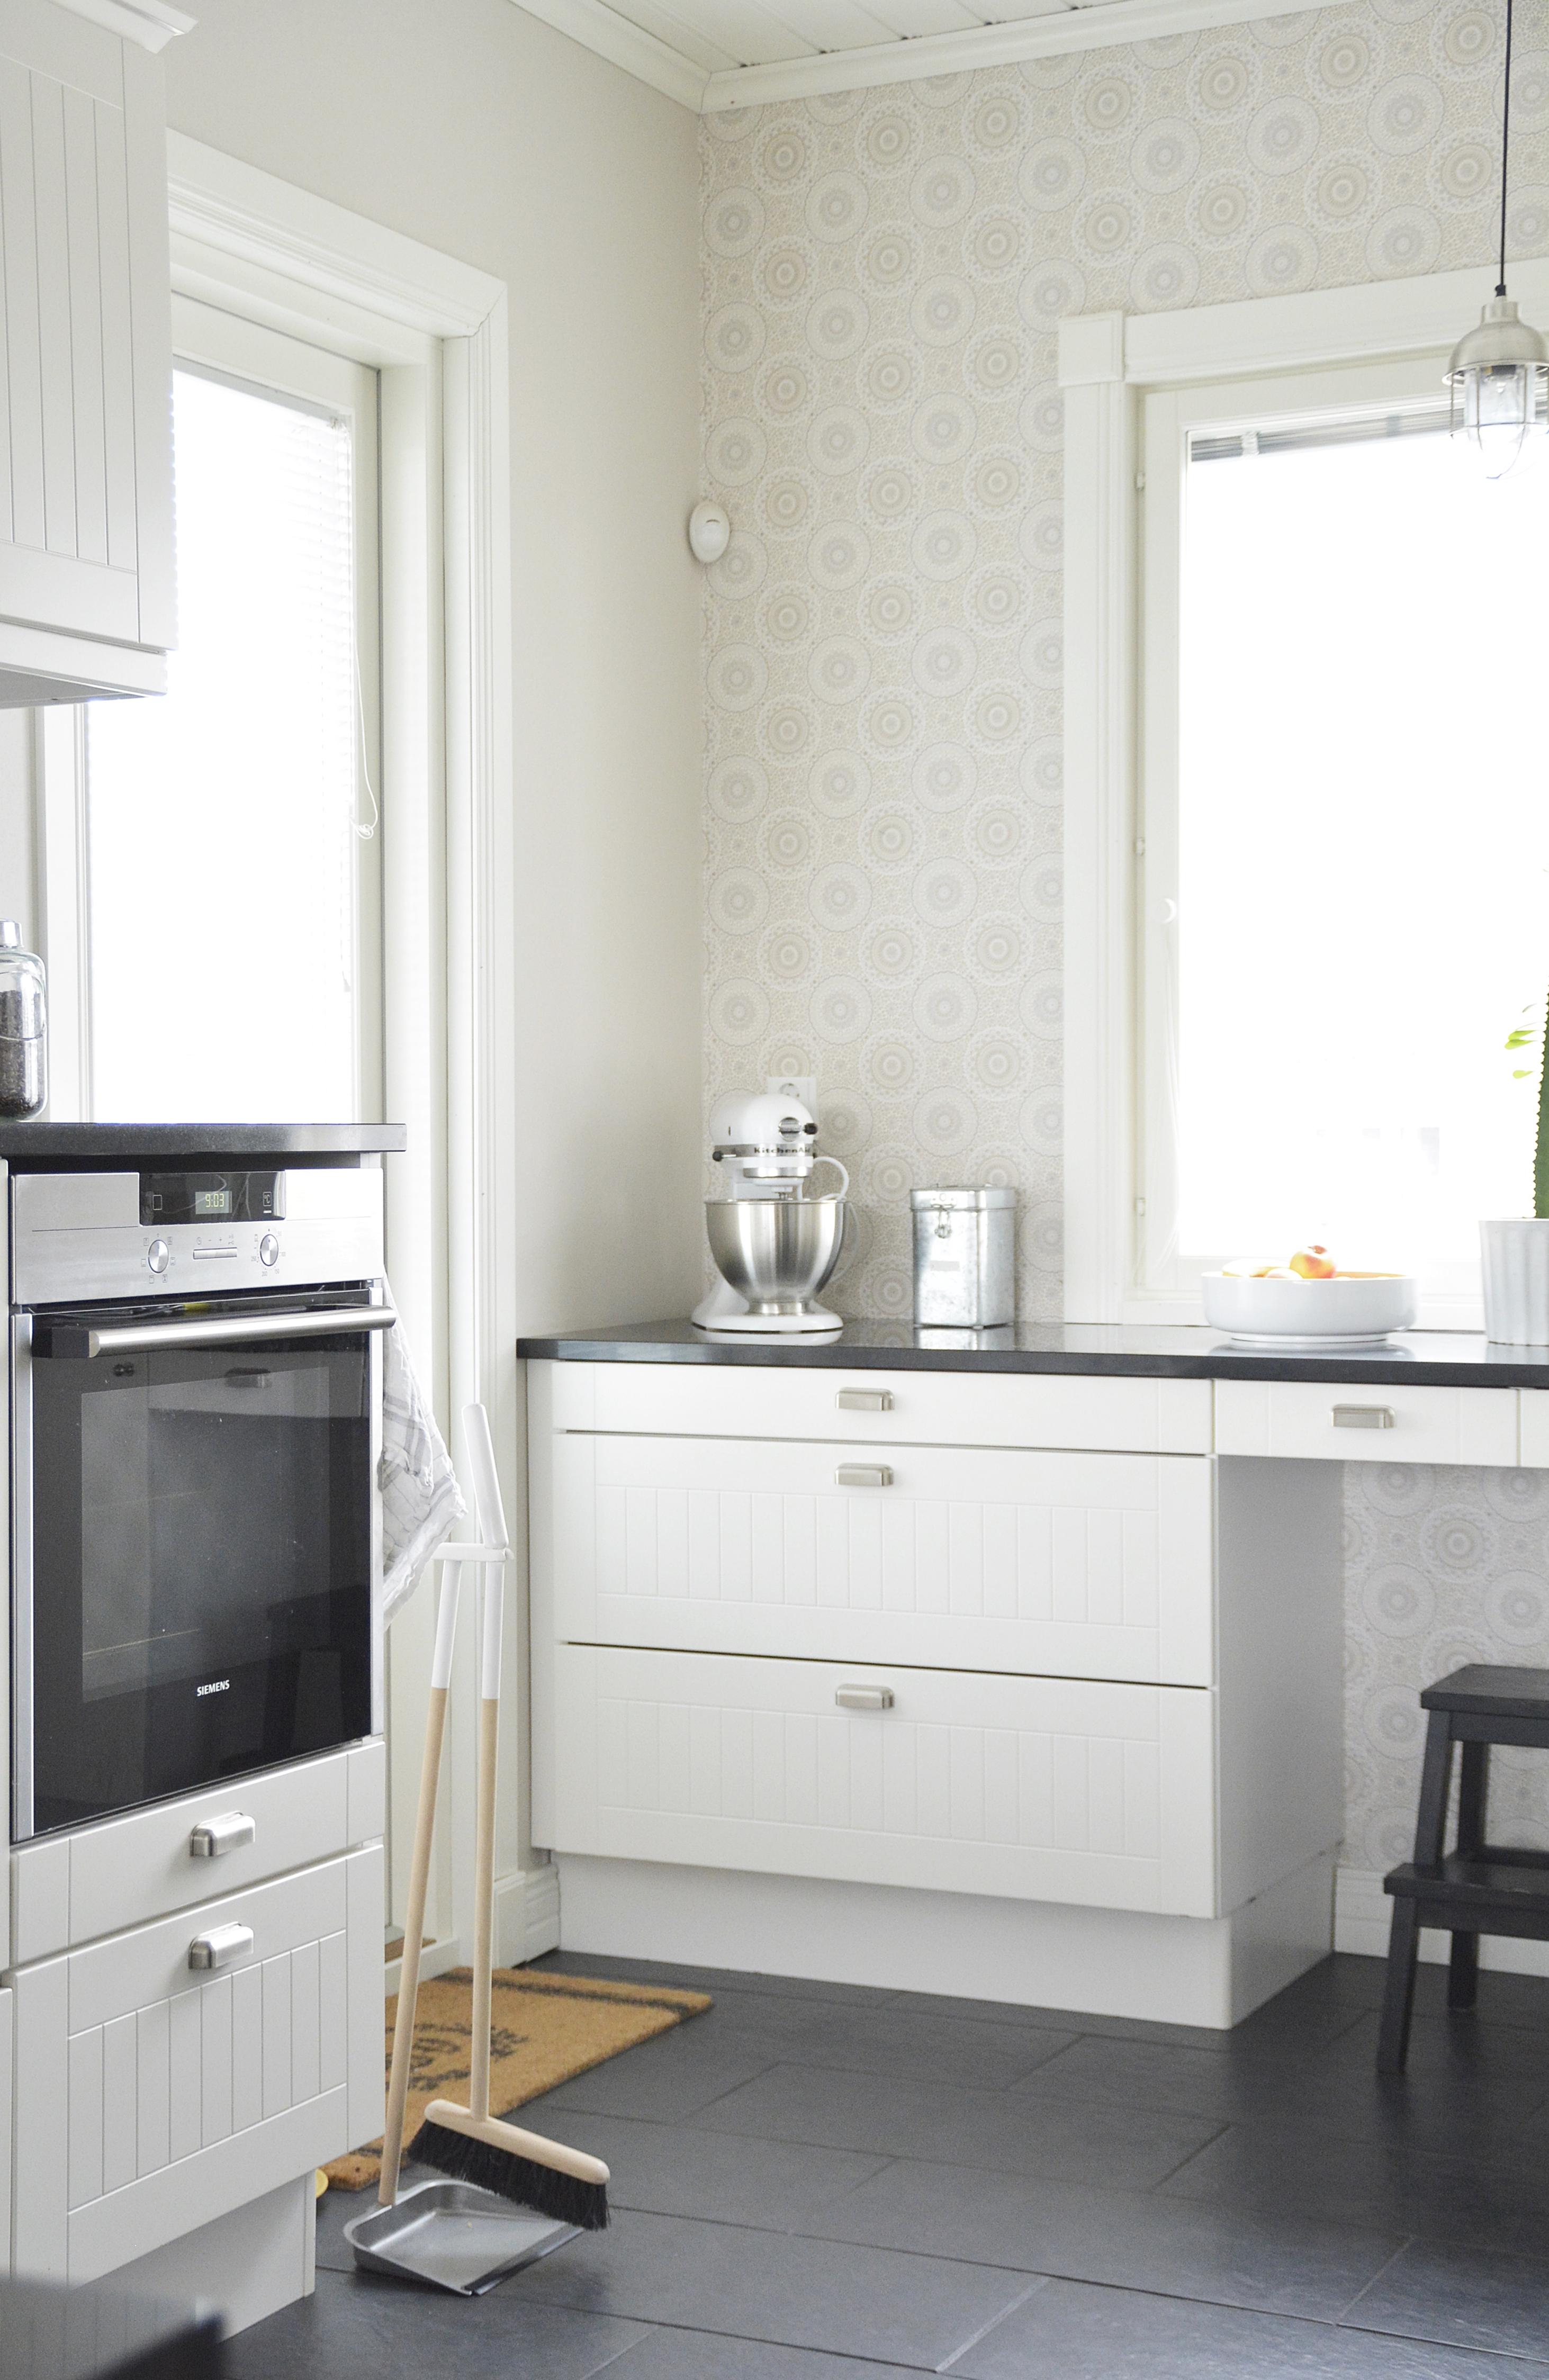 Keittiön uusi ilme pienellä budjetilla  Etuovi com Ideat & vinkit